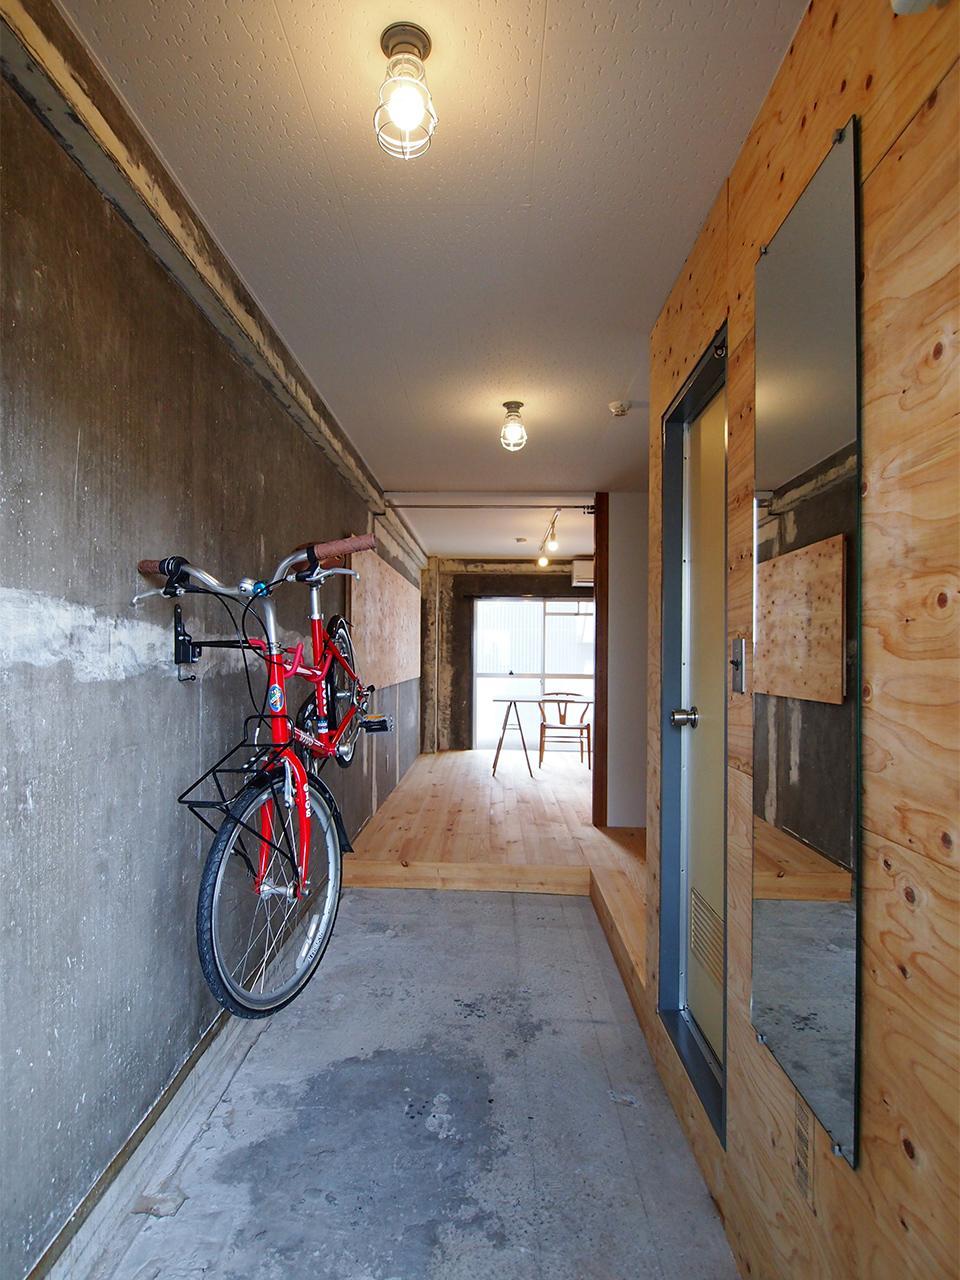 バイクハンガーに自転車を掛けるとこんな感じ